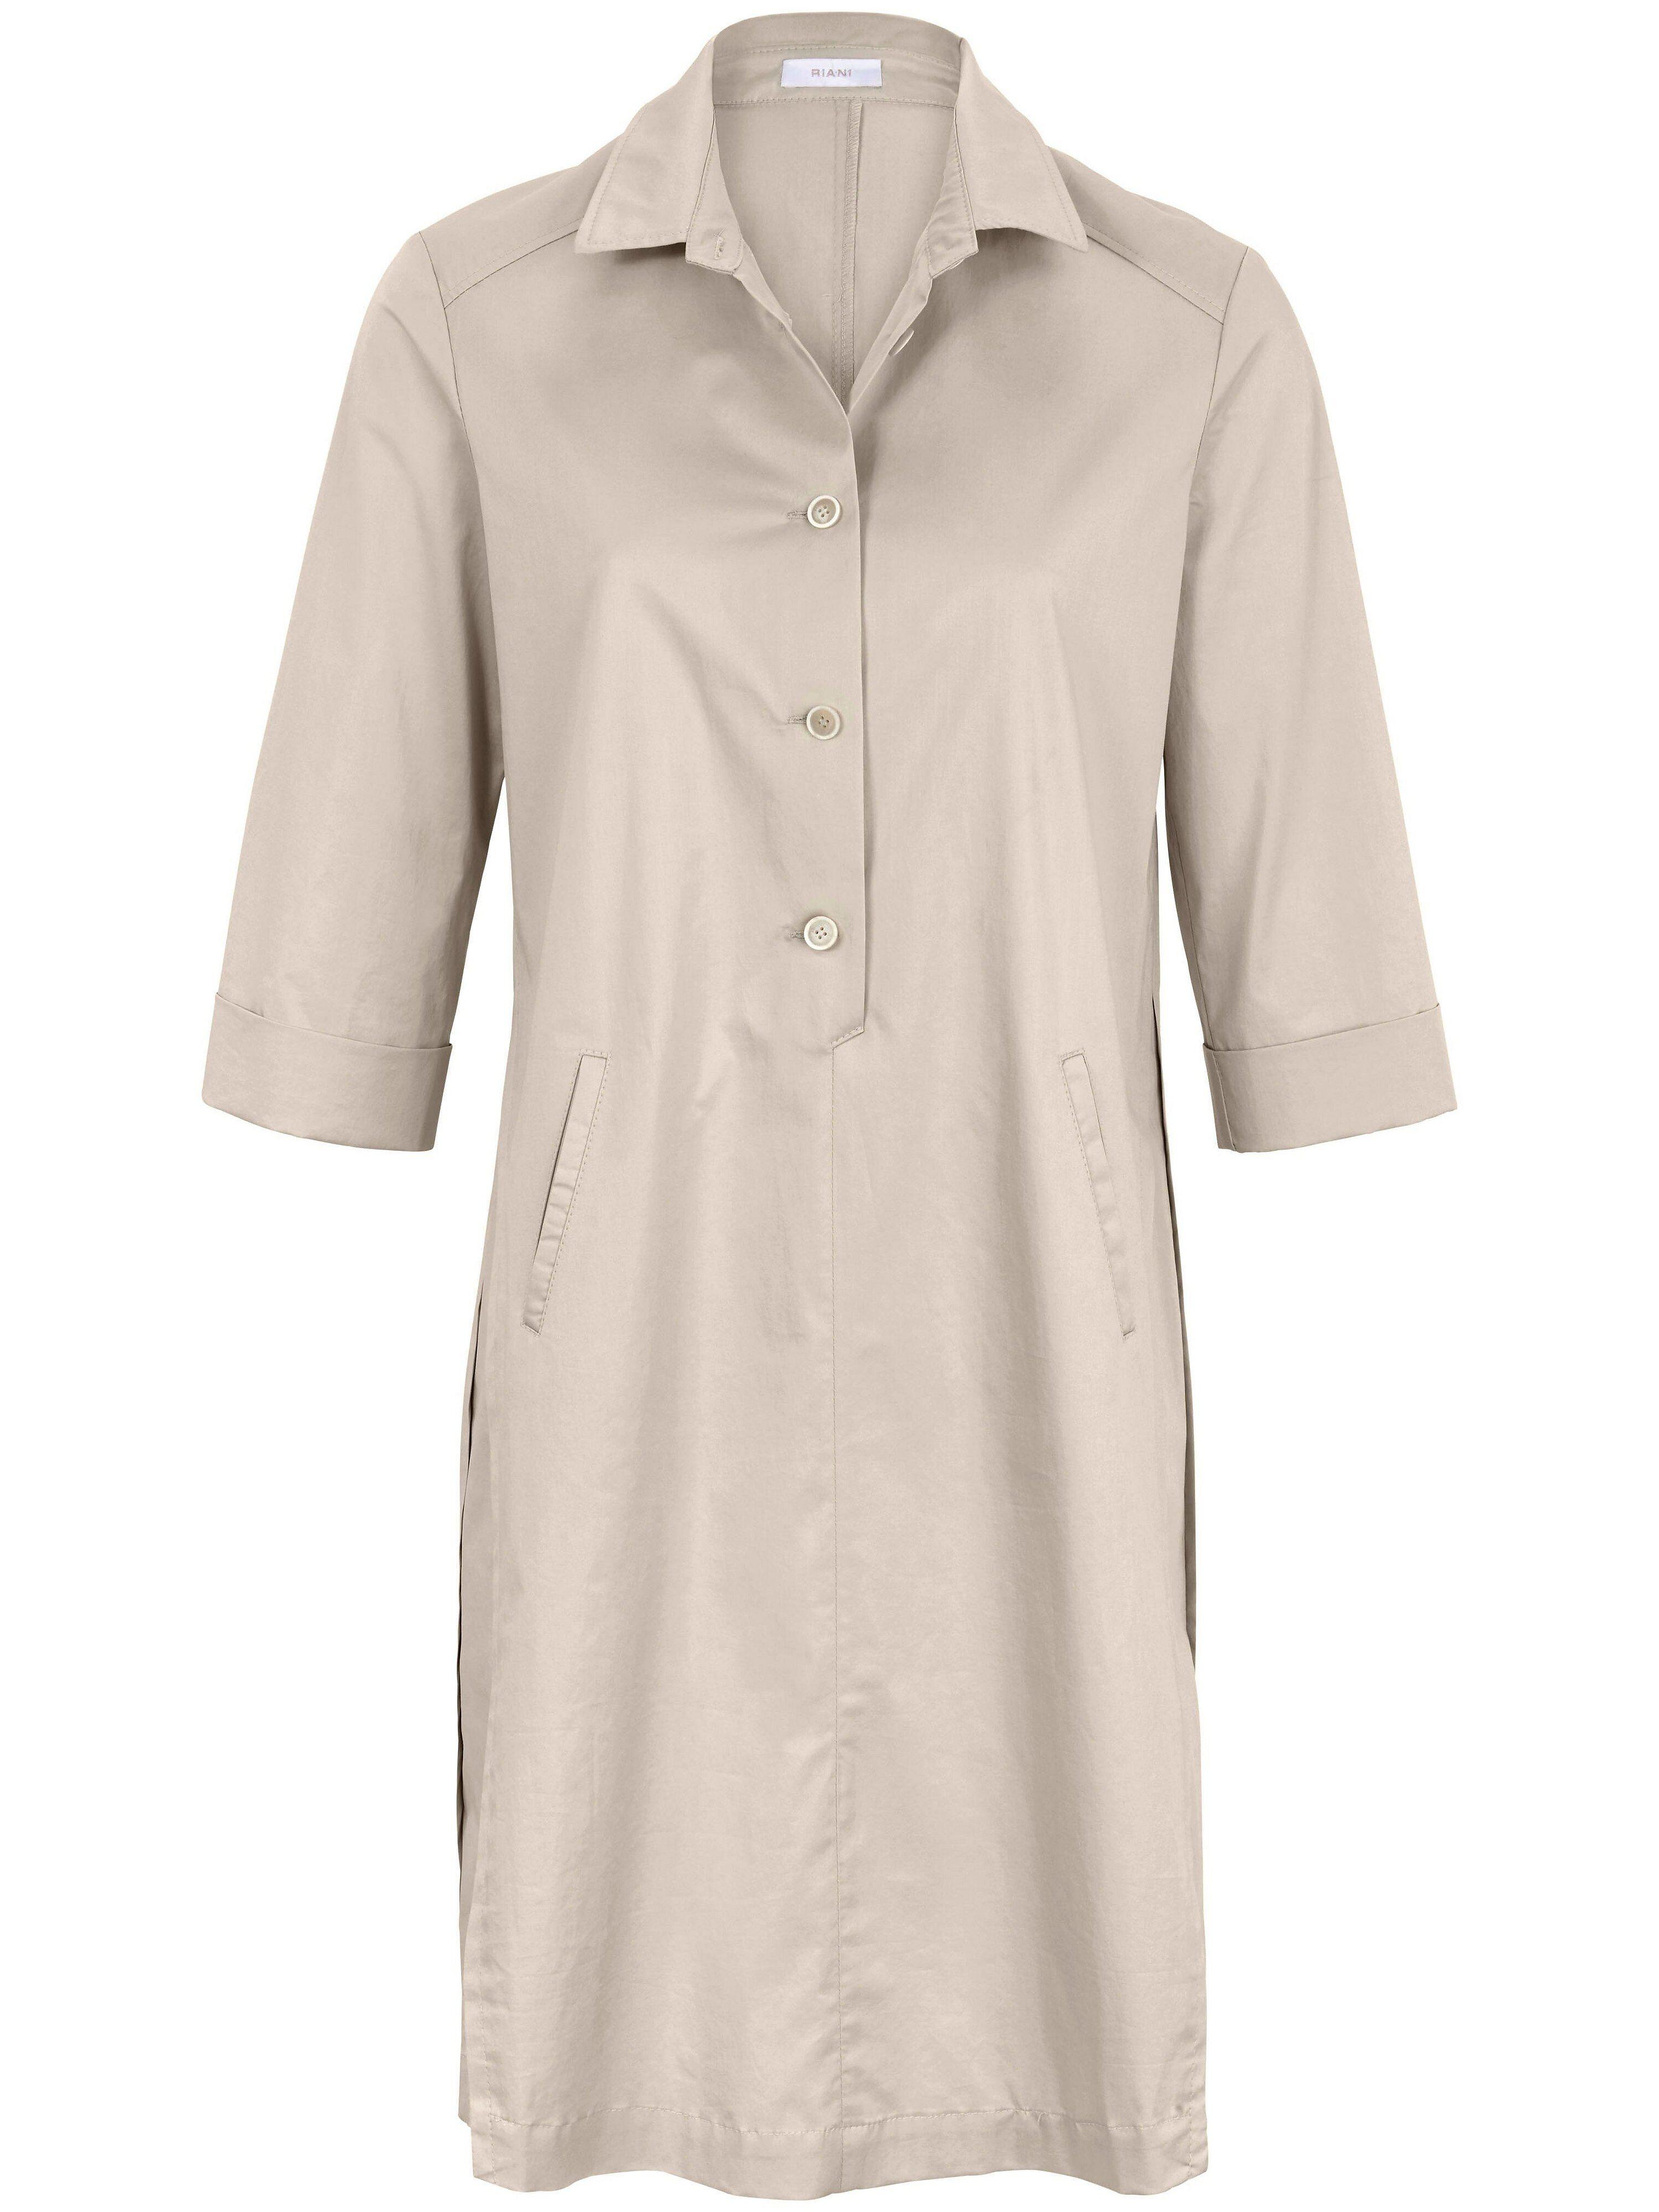 Riani La robe ligne chemisier manches 3/4  Riani beige  - Femme - 42